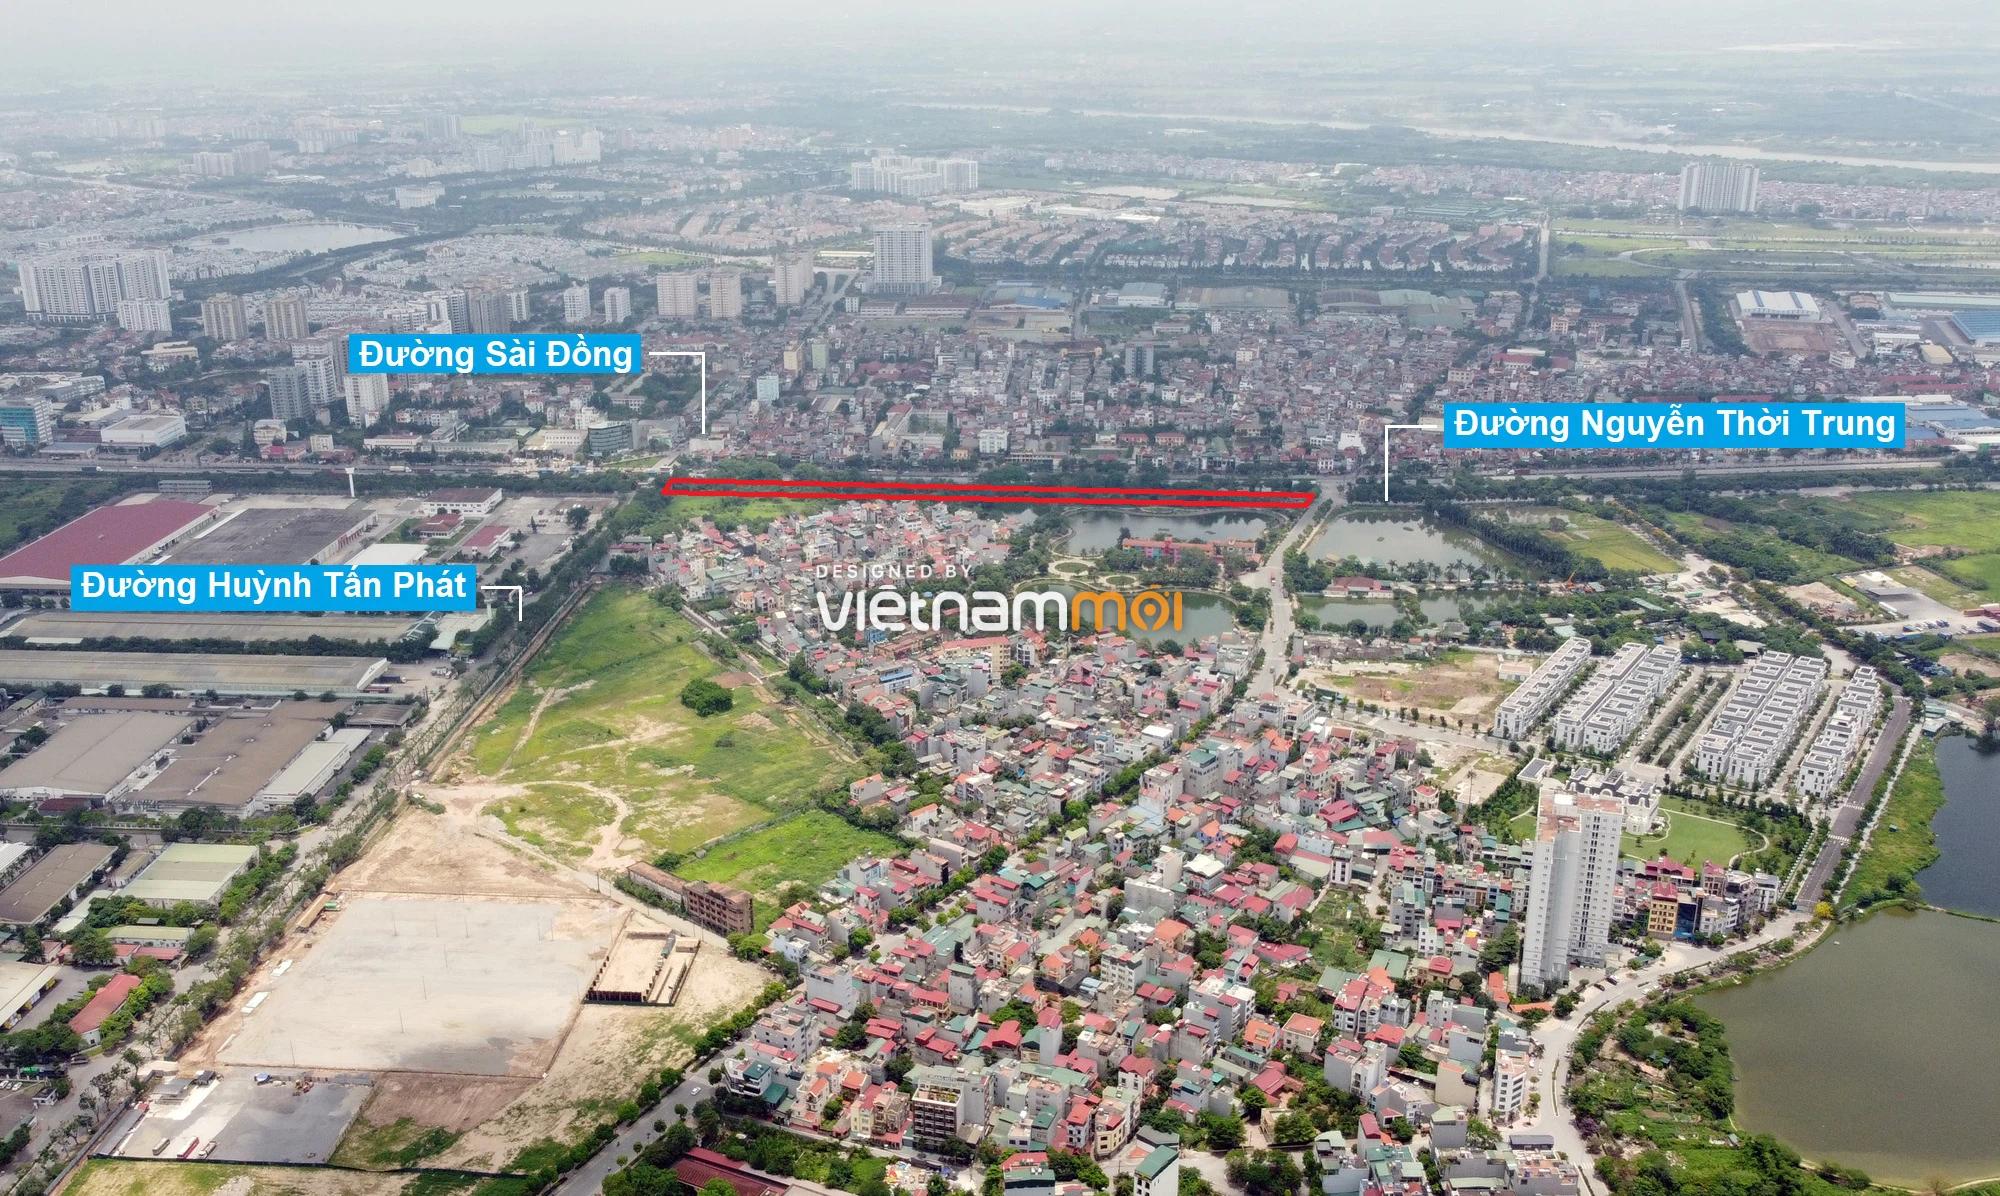 Những khu đất sắp thu hồi để mở đường ở phường Thạch Bàn, Long Biên, Hà Nội (phần 3) - Ảnh 13.